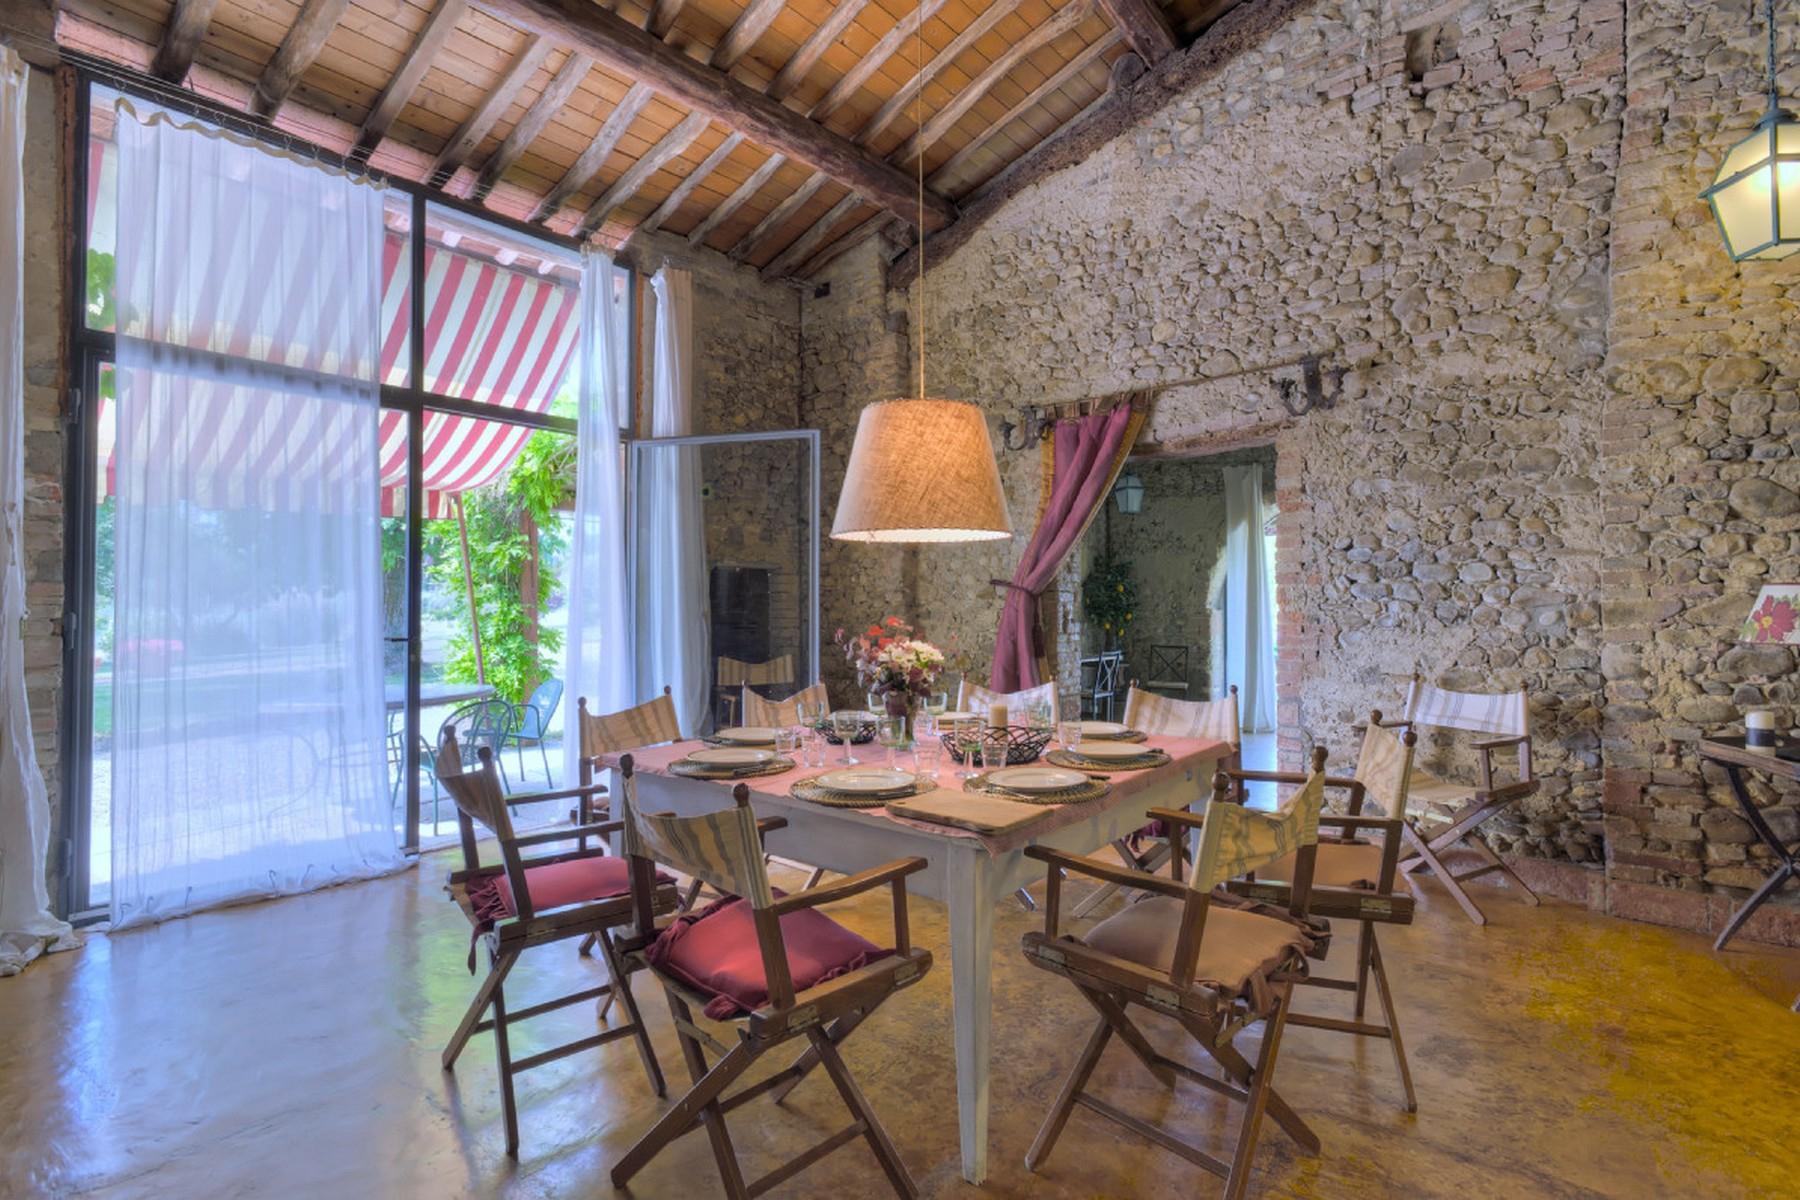 State-of-the-art rustic villa set in Florentine Chianti - 32